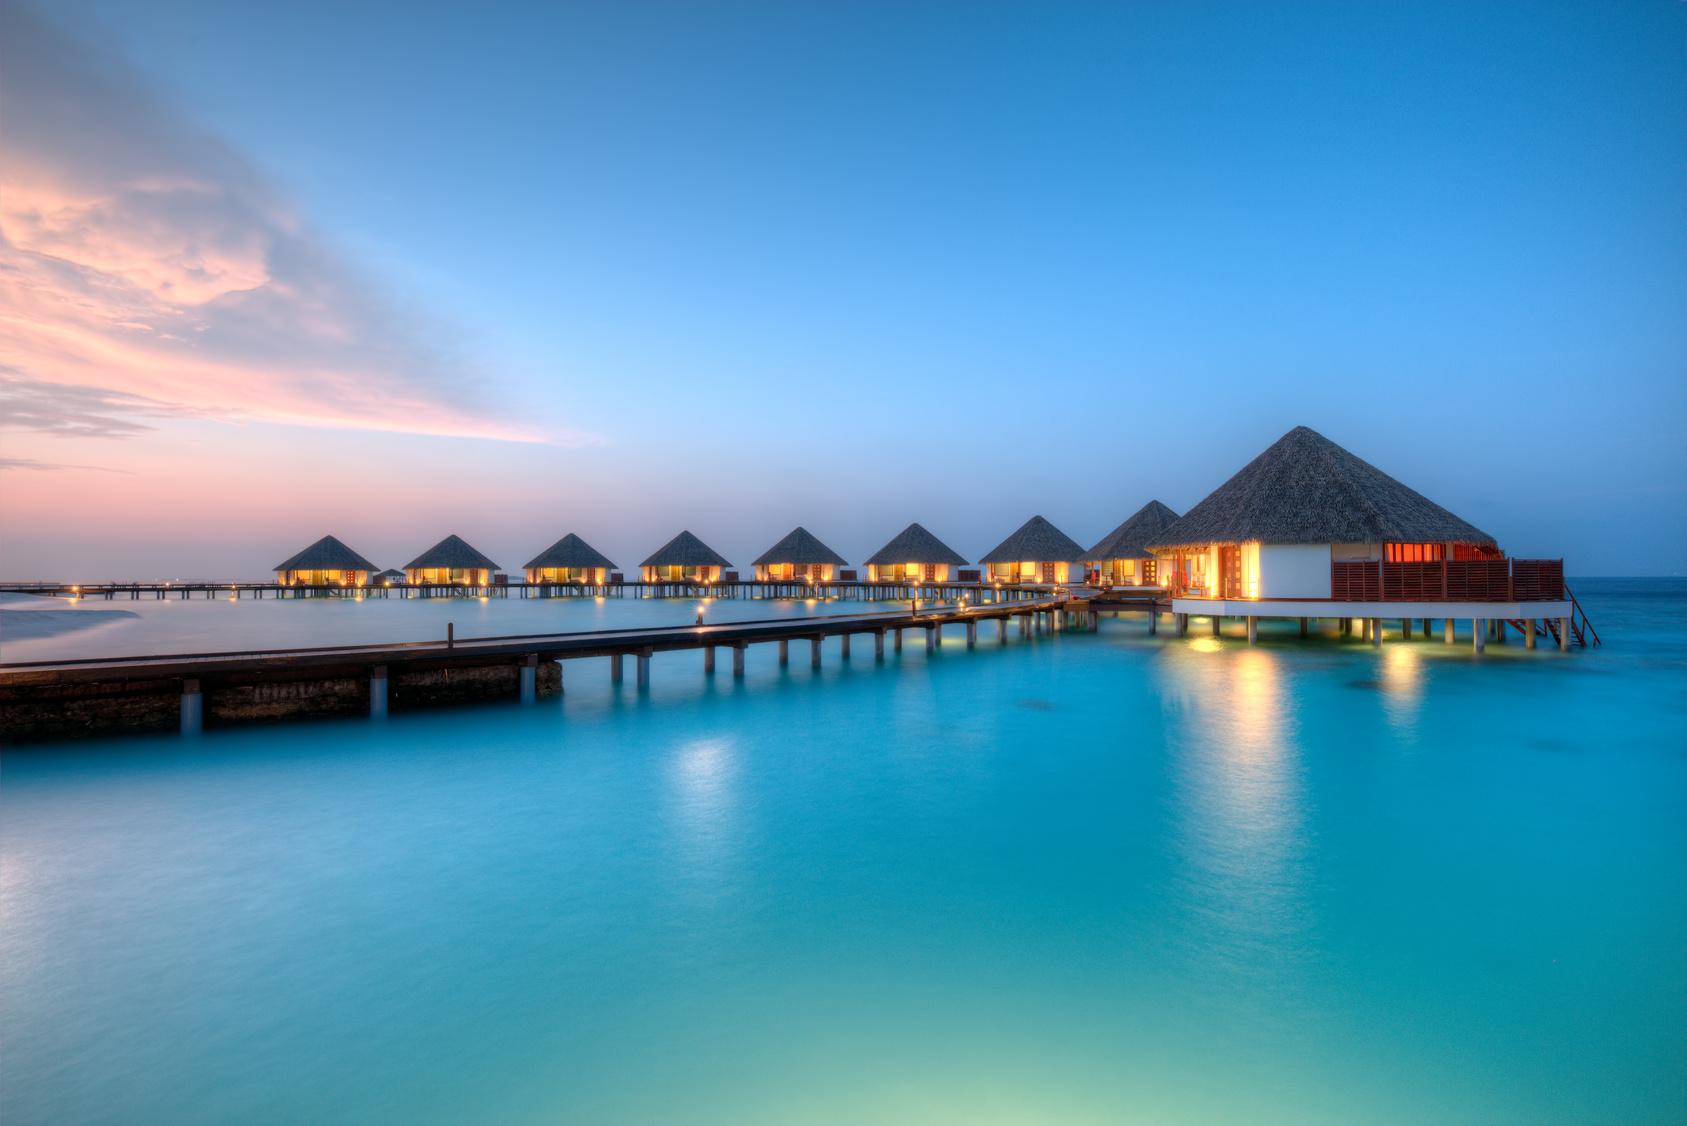 islas paradisiacas, islas maldivas